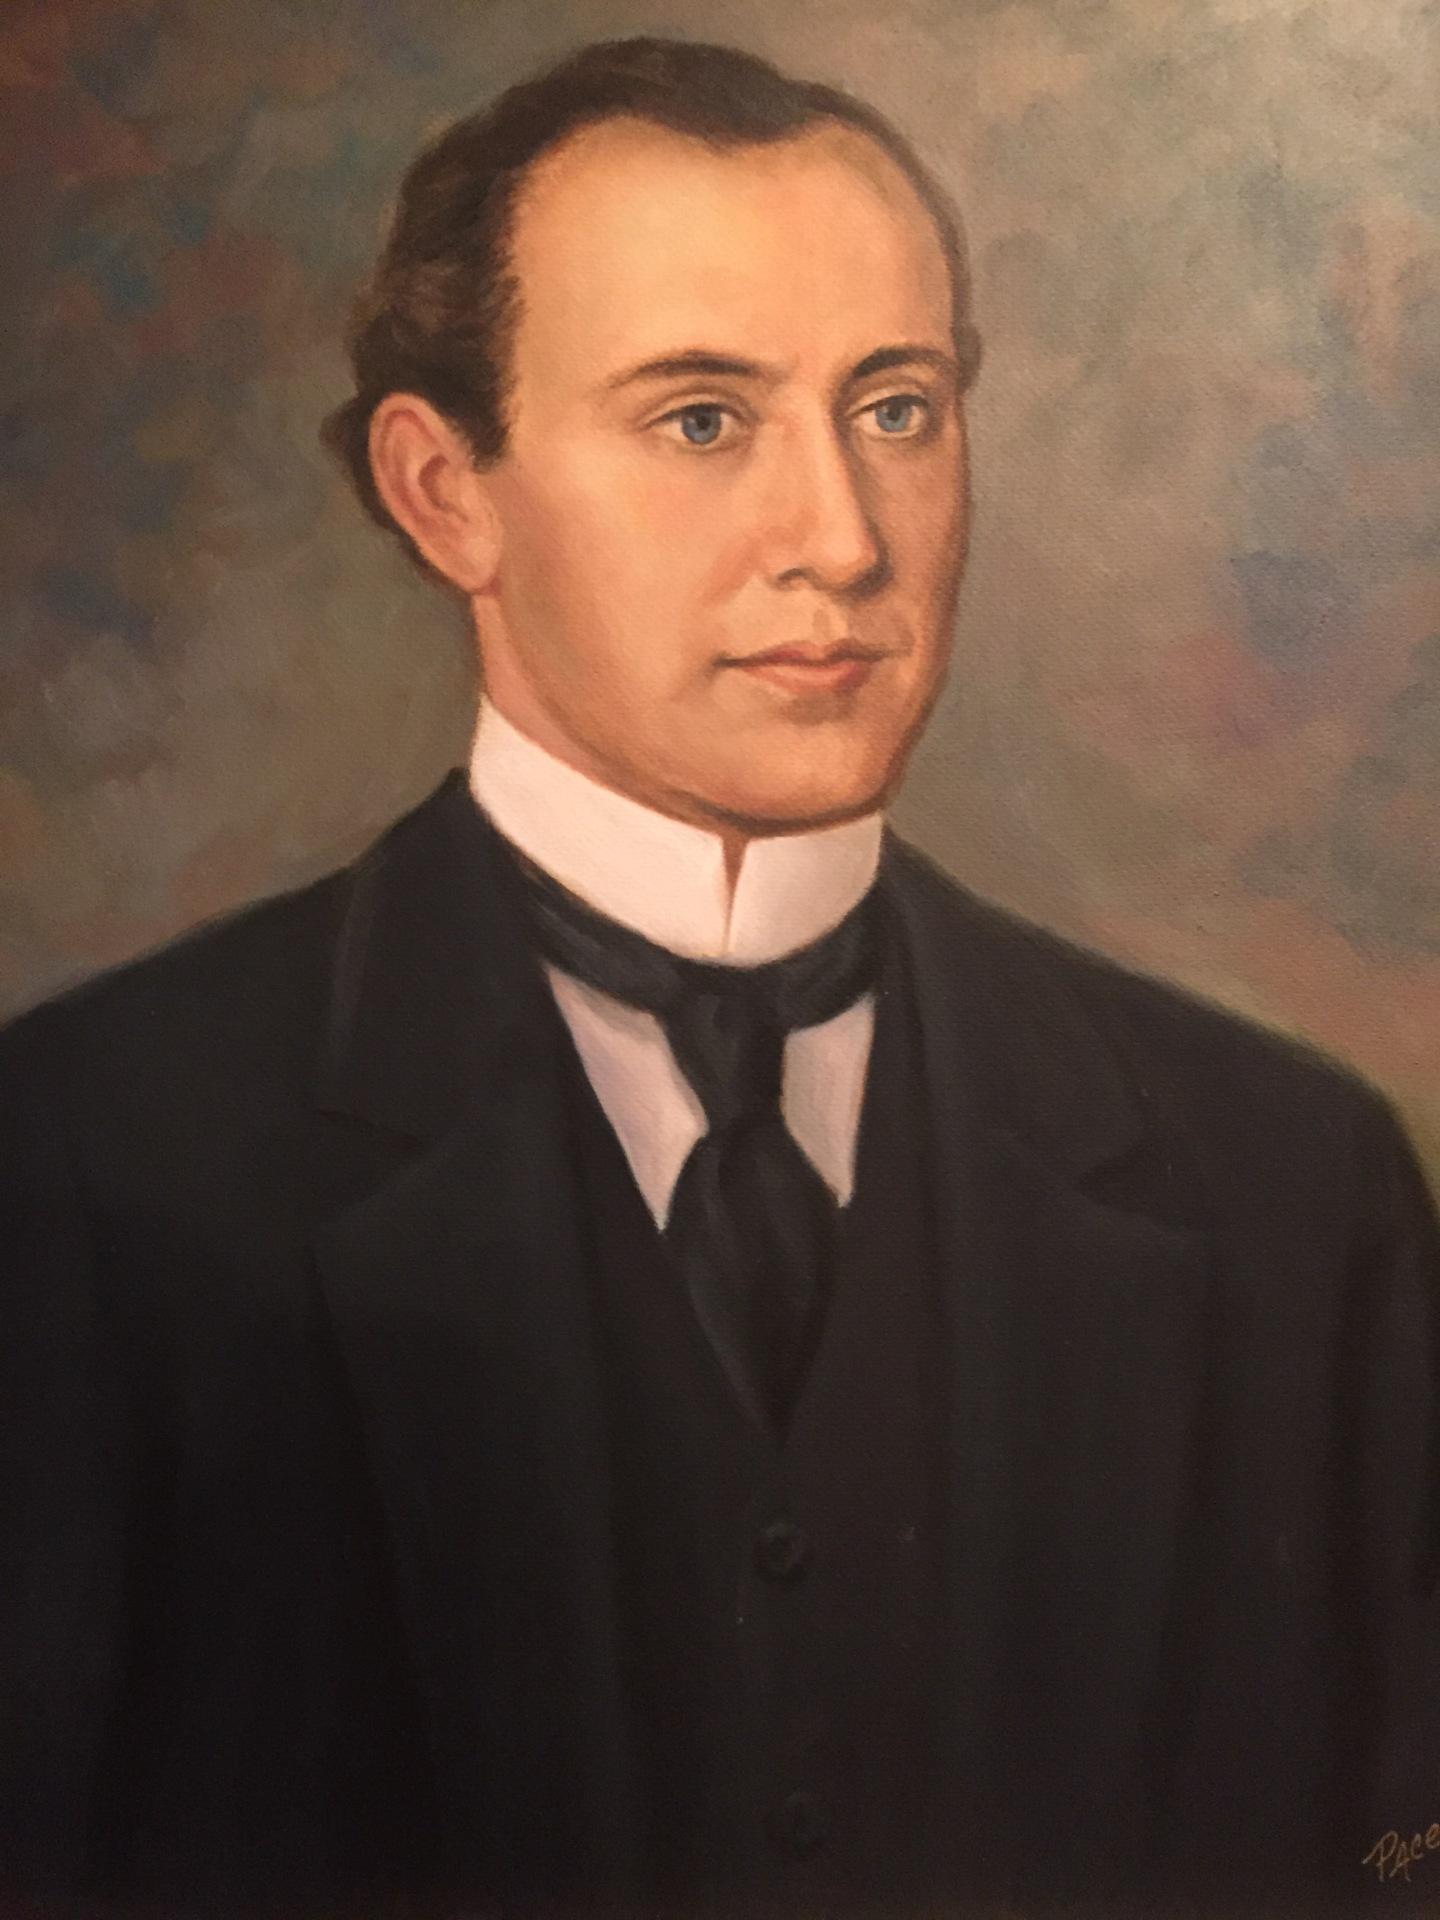 Professor William Herschel Cobb